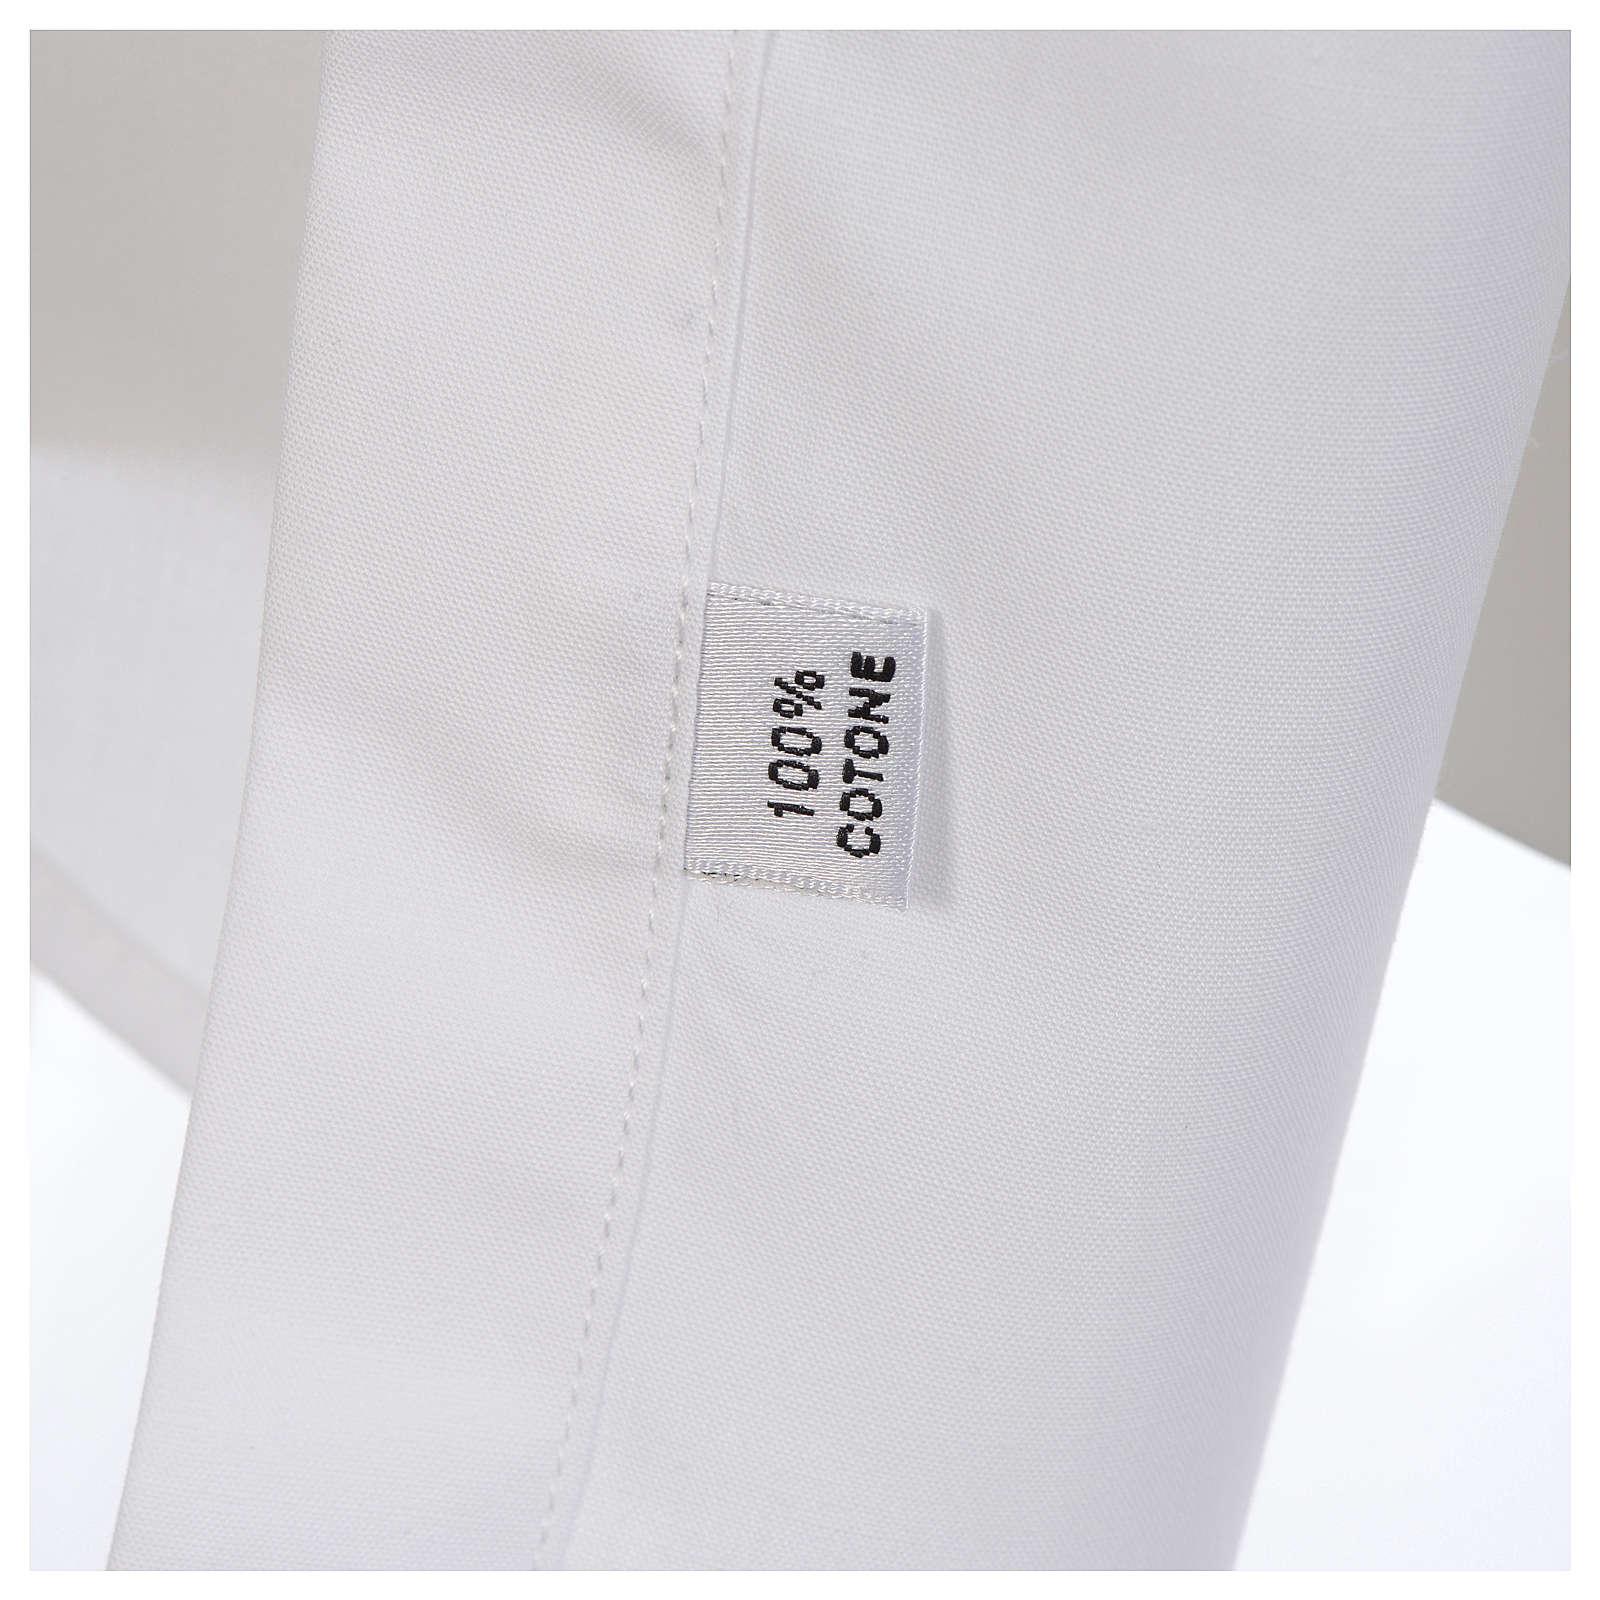 Camisa clergy batina colarinho aberto manga longa 4